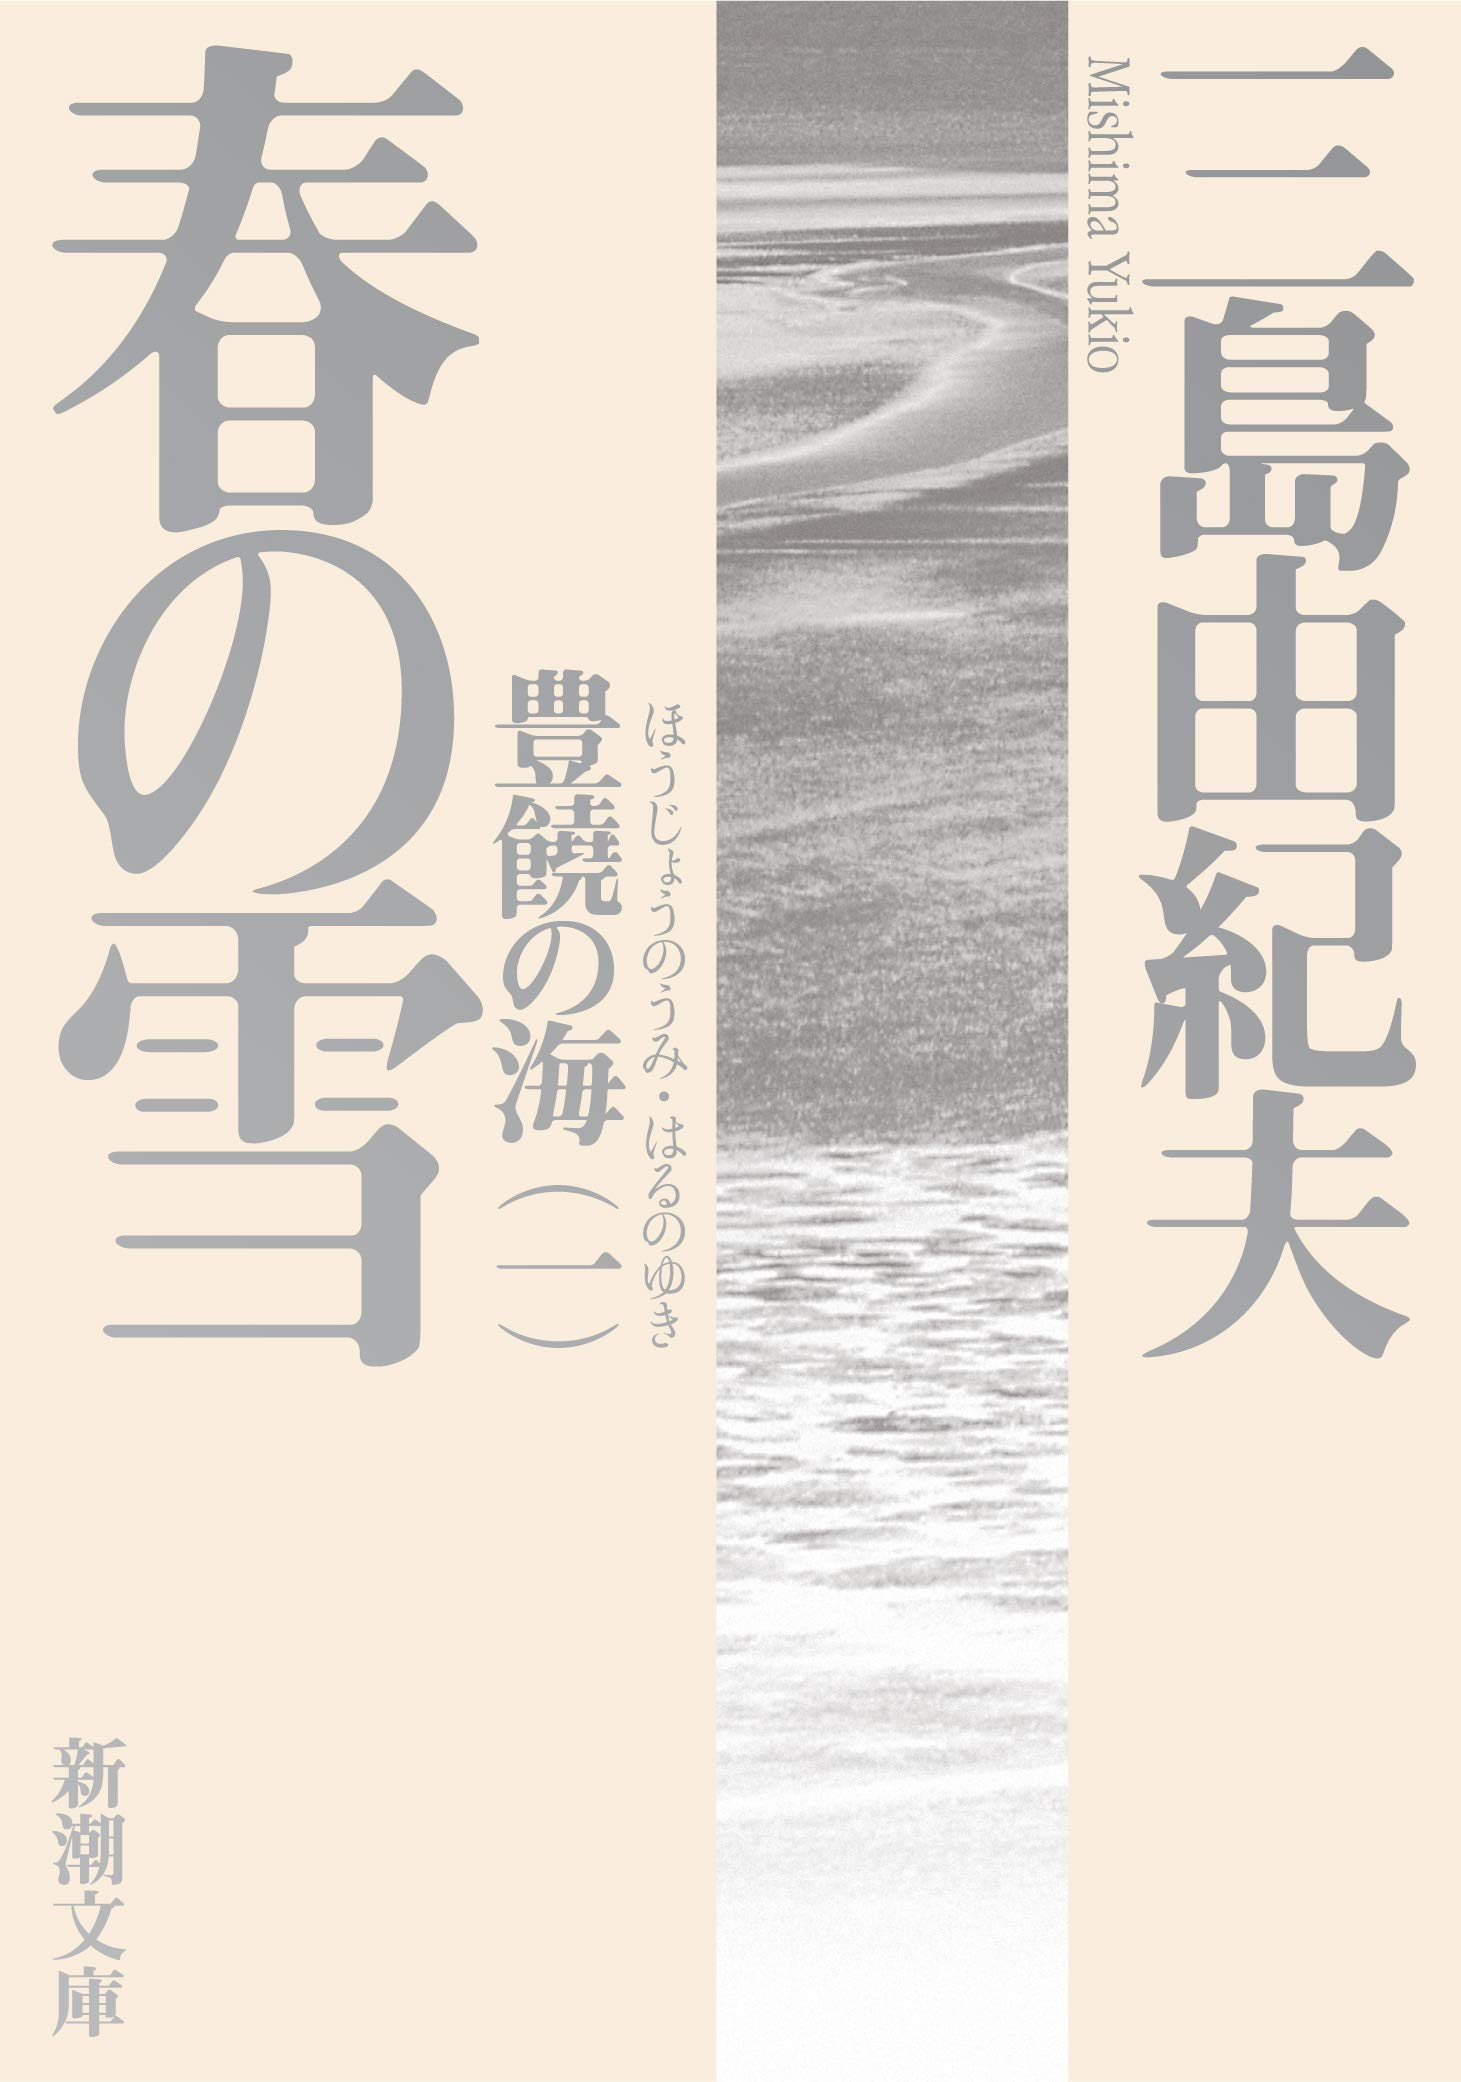 三島由紀夫(2020)『春の雪』新潮文庫